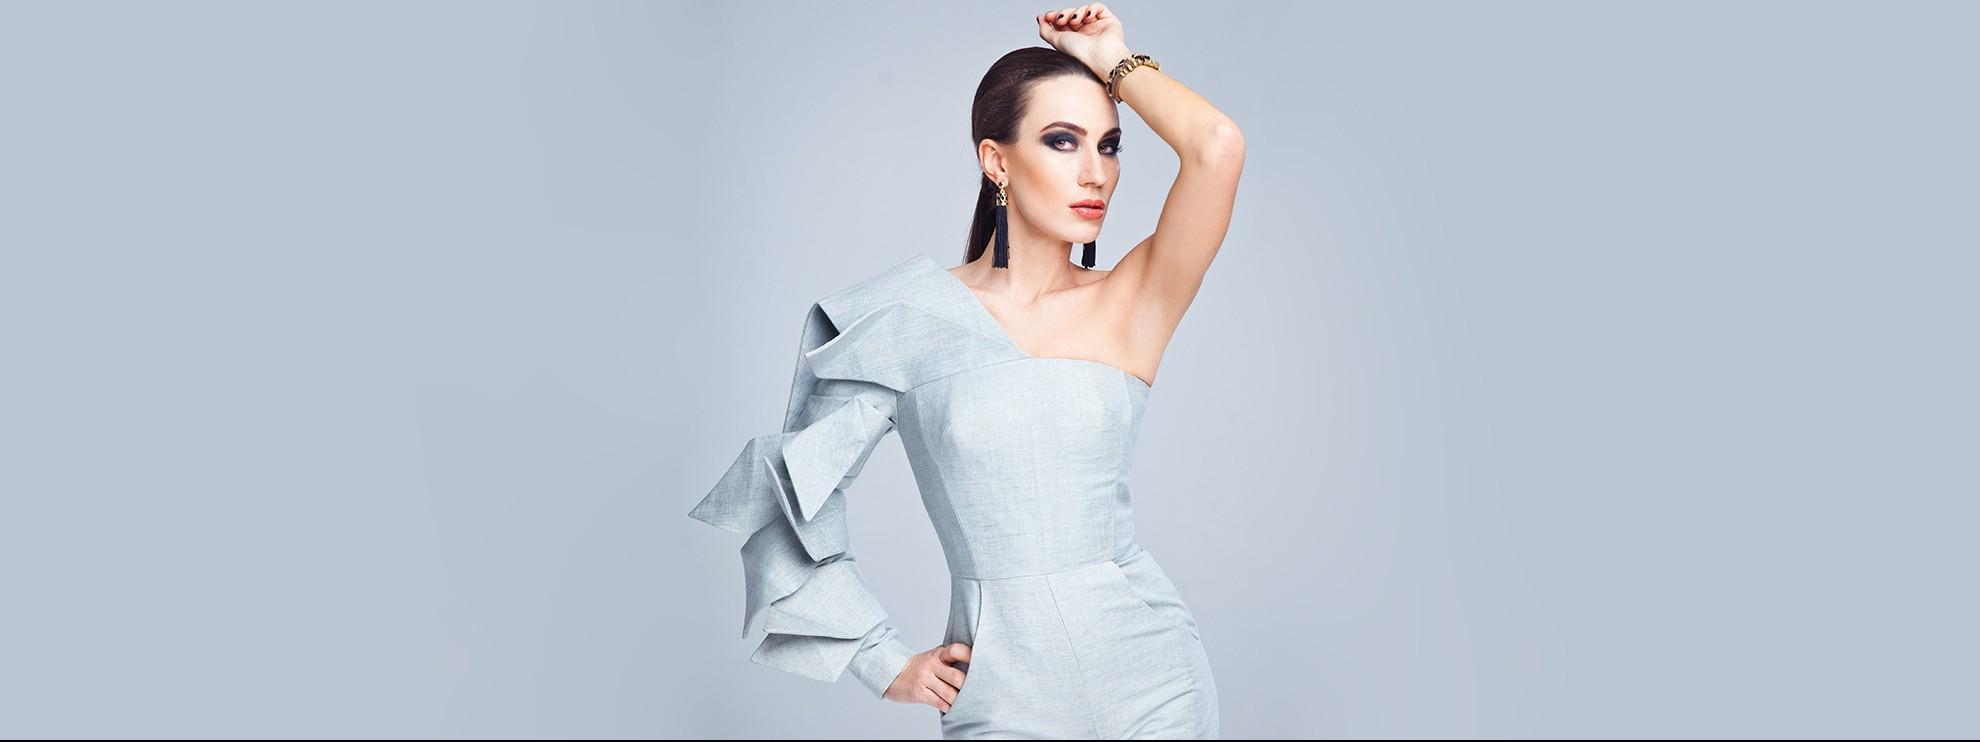 виконавець Lana Clair (Лана Клер)